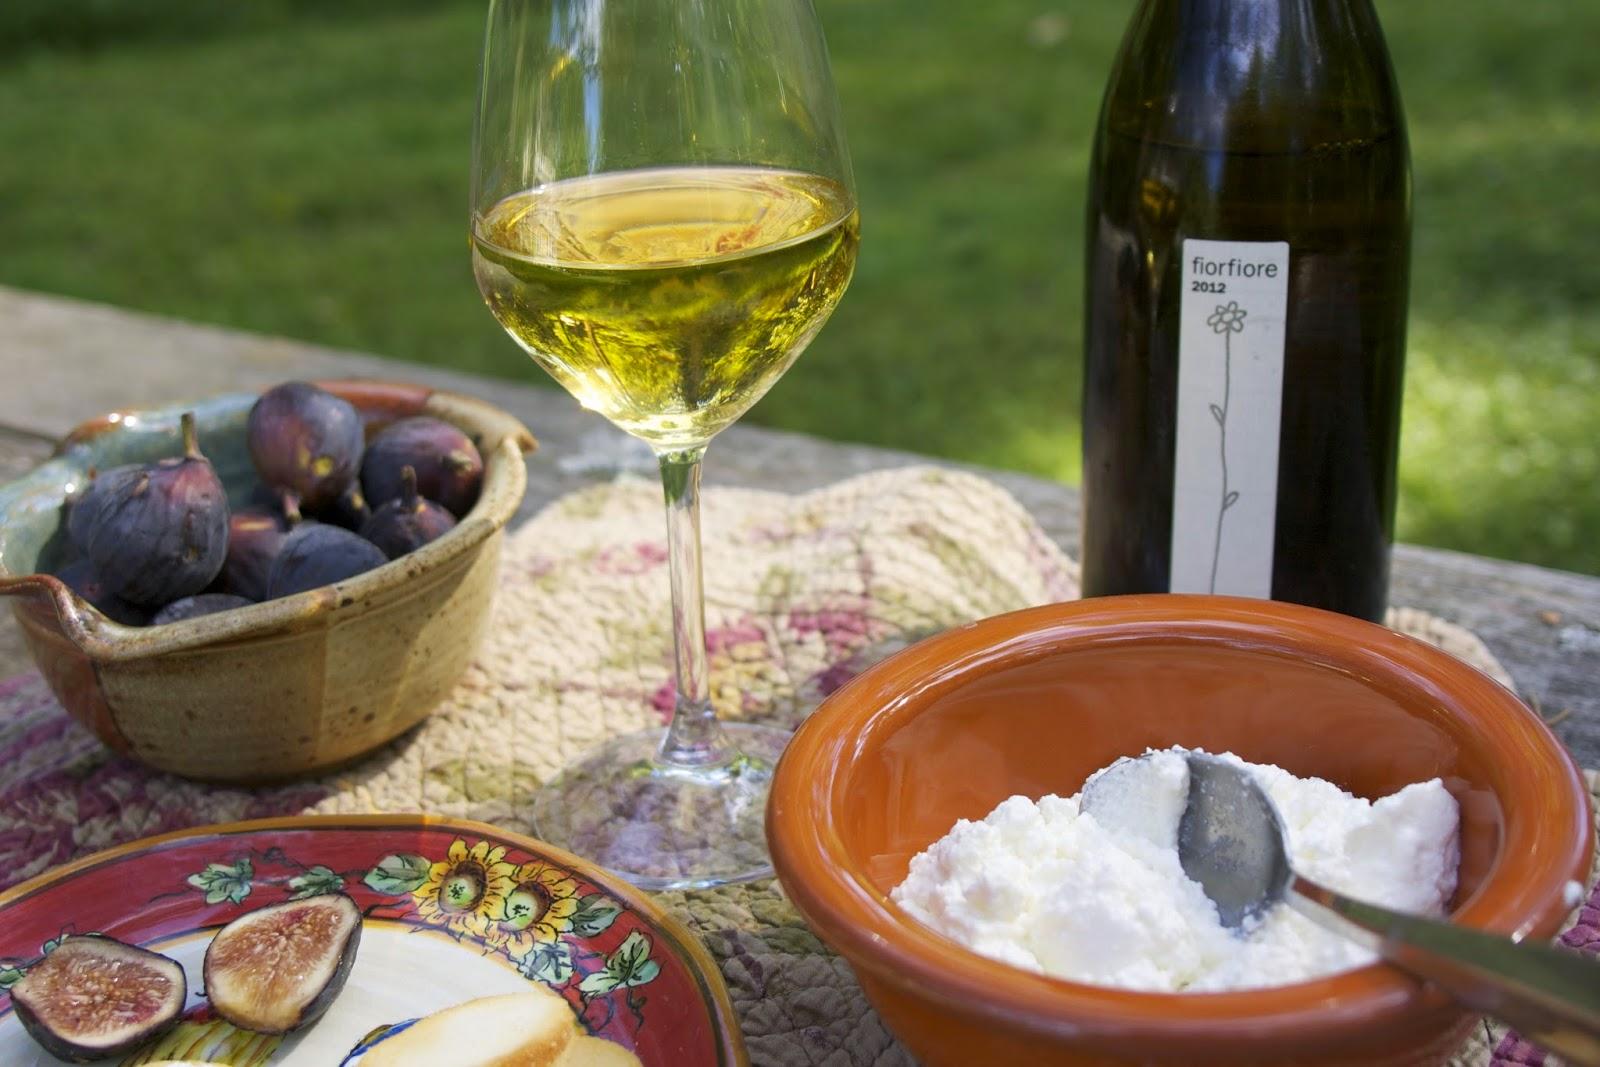 Rocafiore Organic Wine: Fiorfiore: simplelivingeating.com